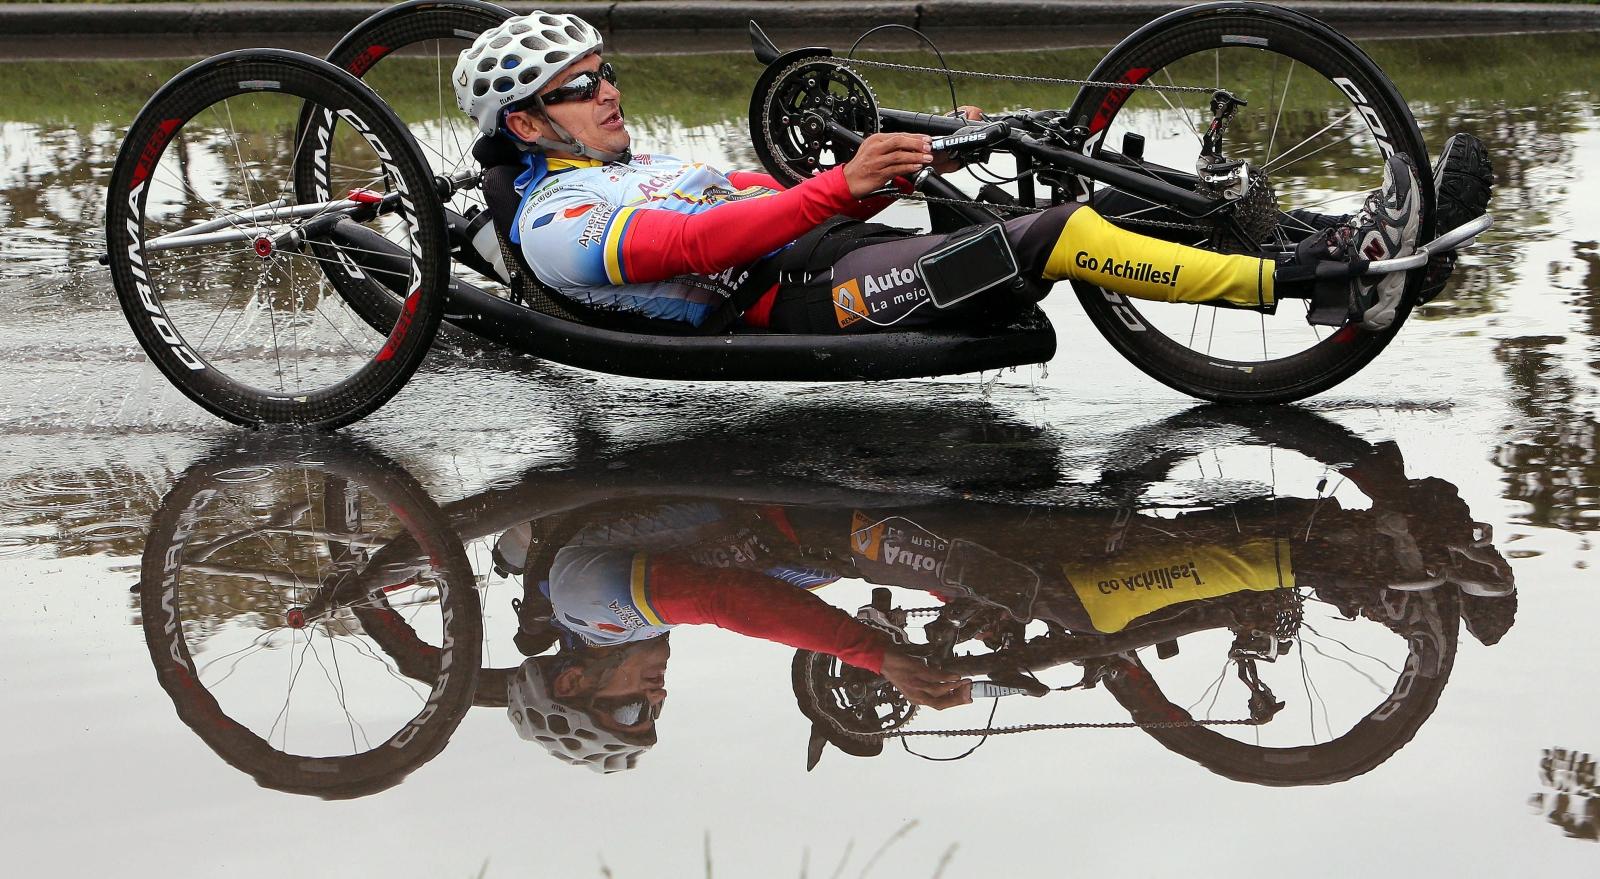 Niepełnosprawny bierze udział w Wyścigu Bohaterów wspierającym weteranów wojskowych i policyjnych, Bogota, Kolumbia